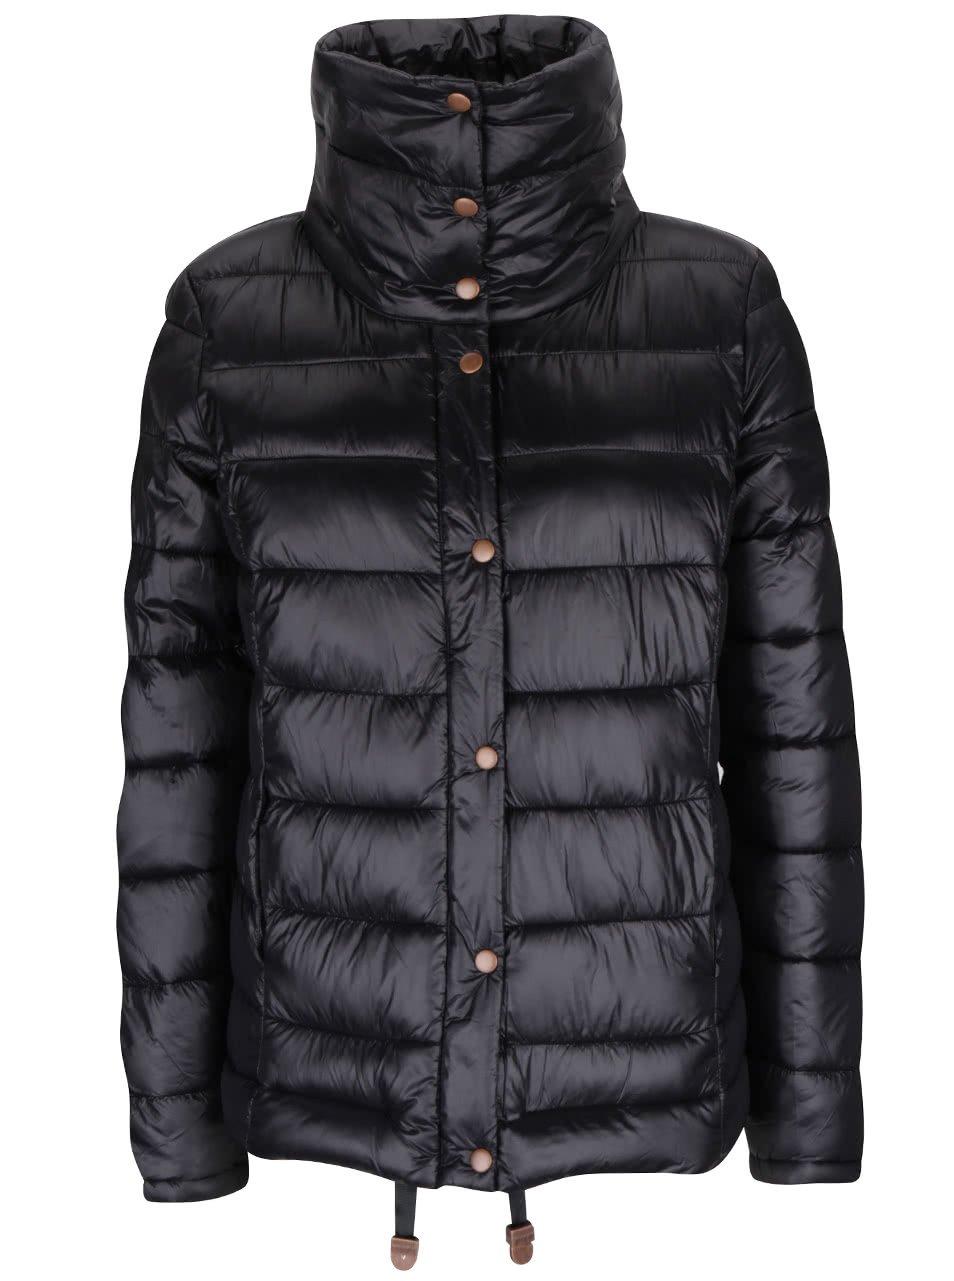 Černá dámská prošívaná bunda PEP Sonna